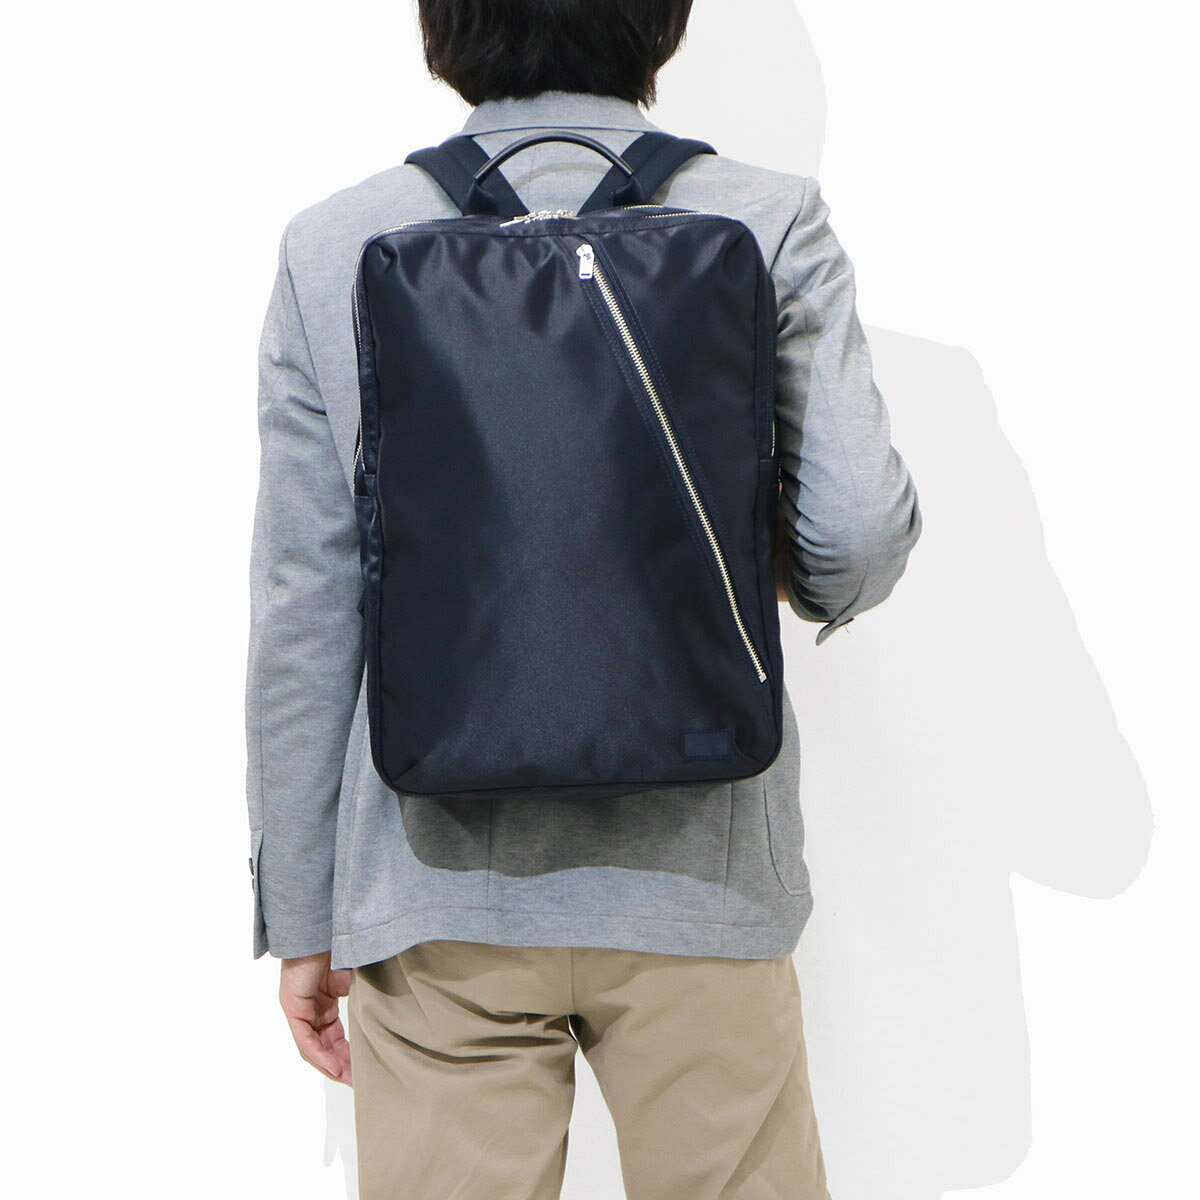 5ee5b2b2fa8a 楽天市場】【新作 2017】吉田カバン ポーター デイパック ポーター ...